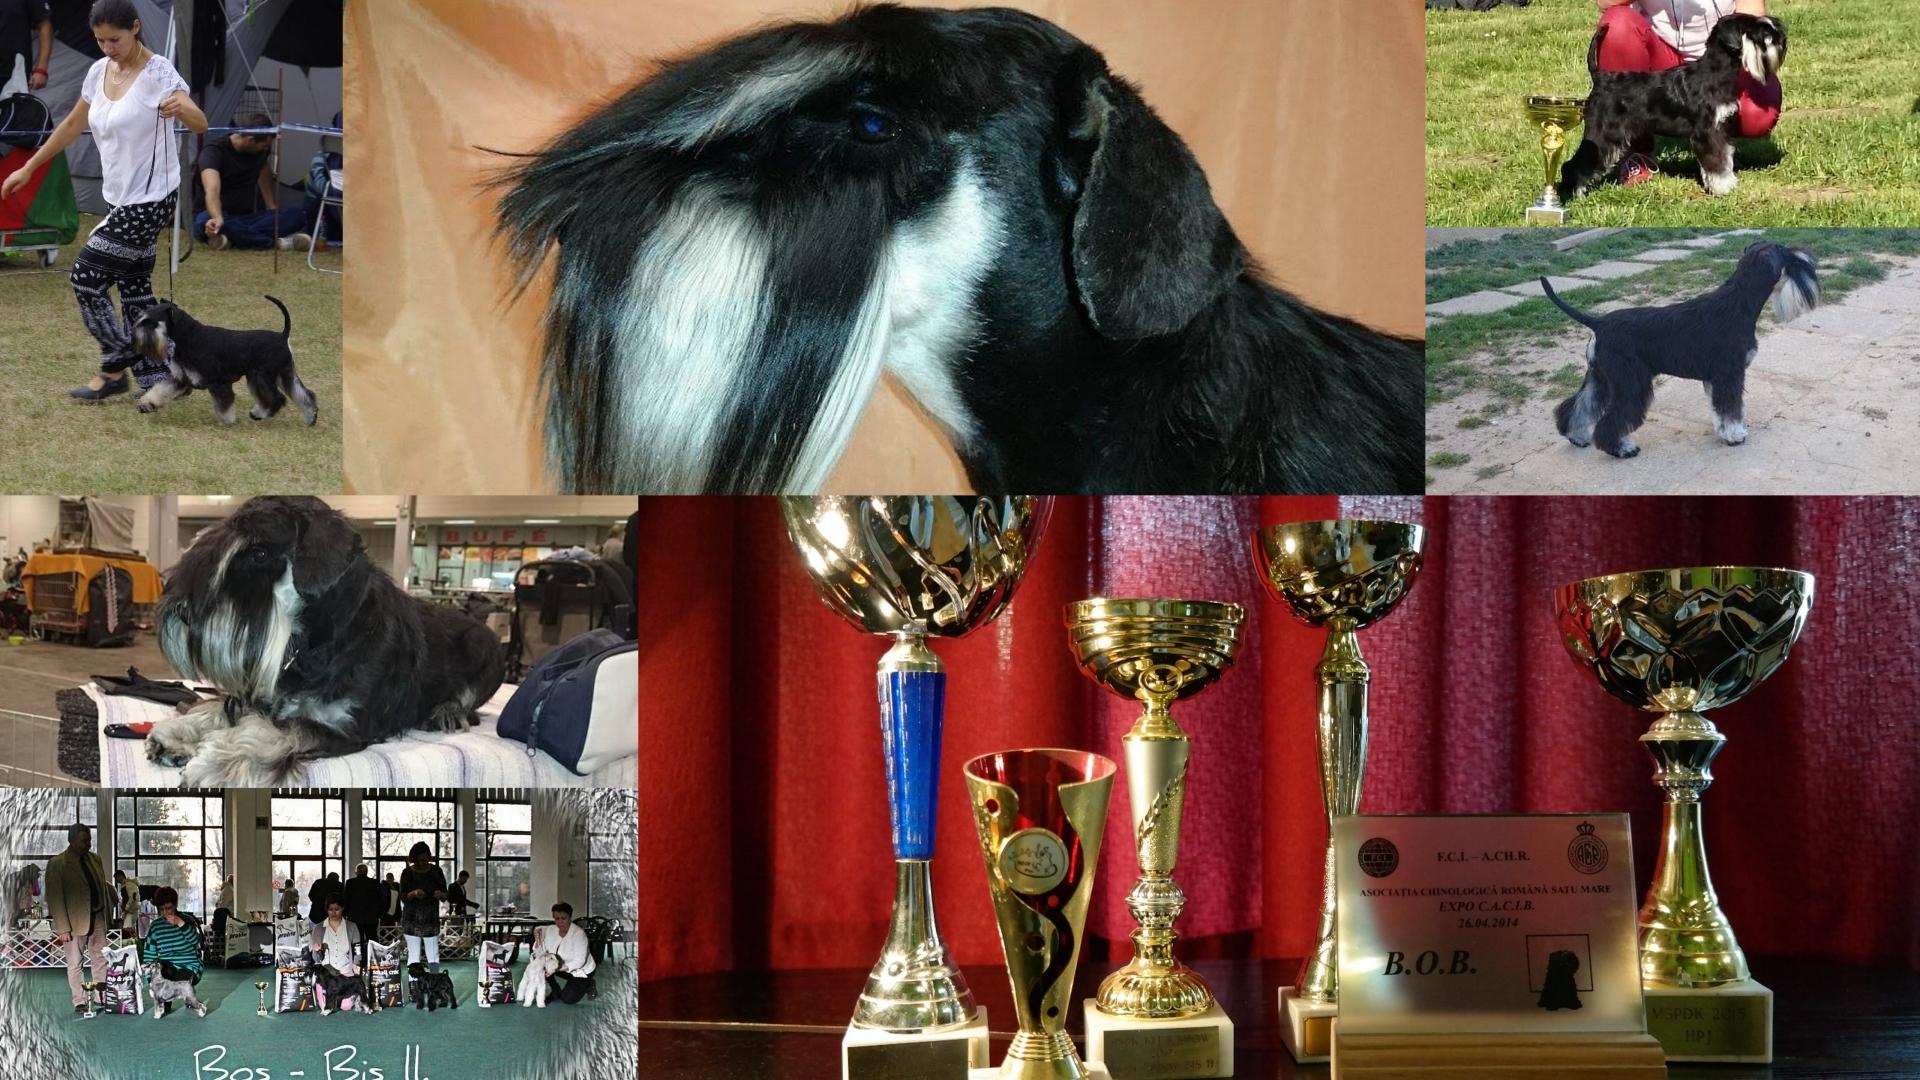 mátraszépe_whimsy_fekete_ezüst_törpe_schnauzer_diploma_kiállítások_dog_show_black_and_silver_schnauzer_